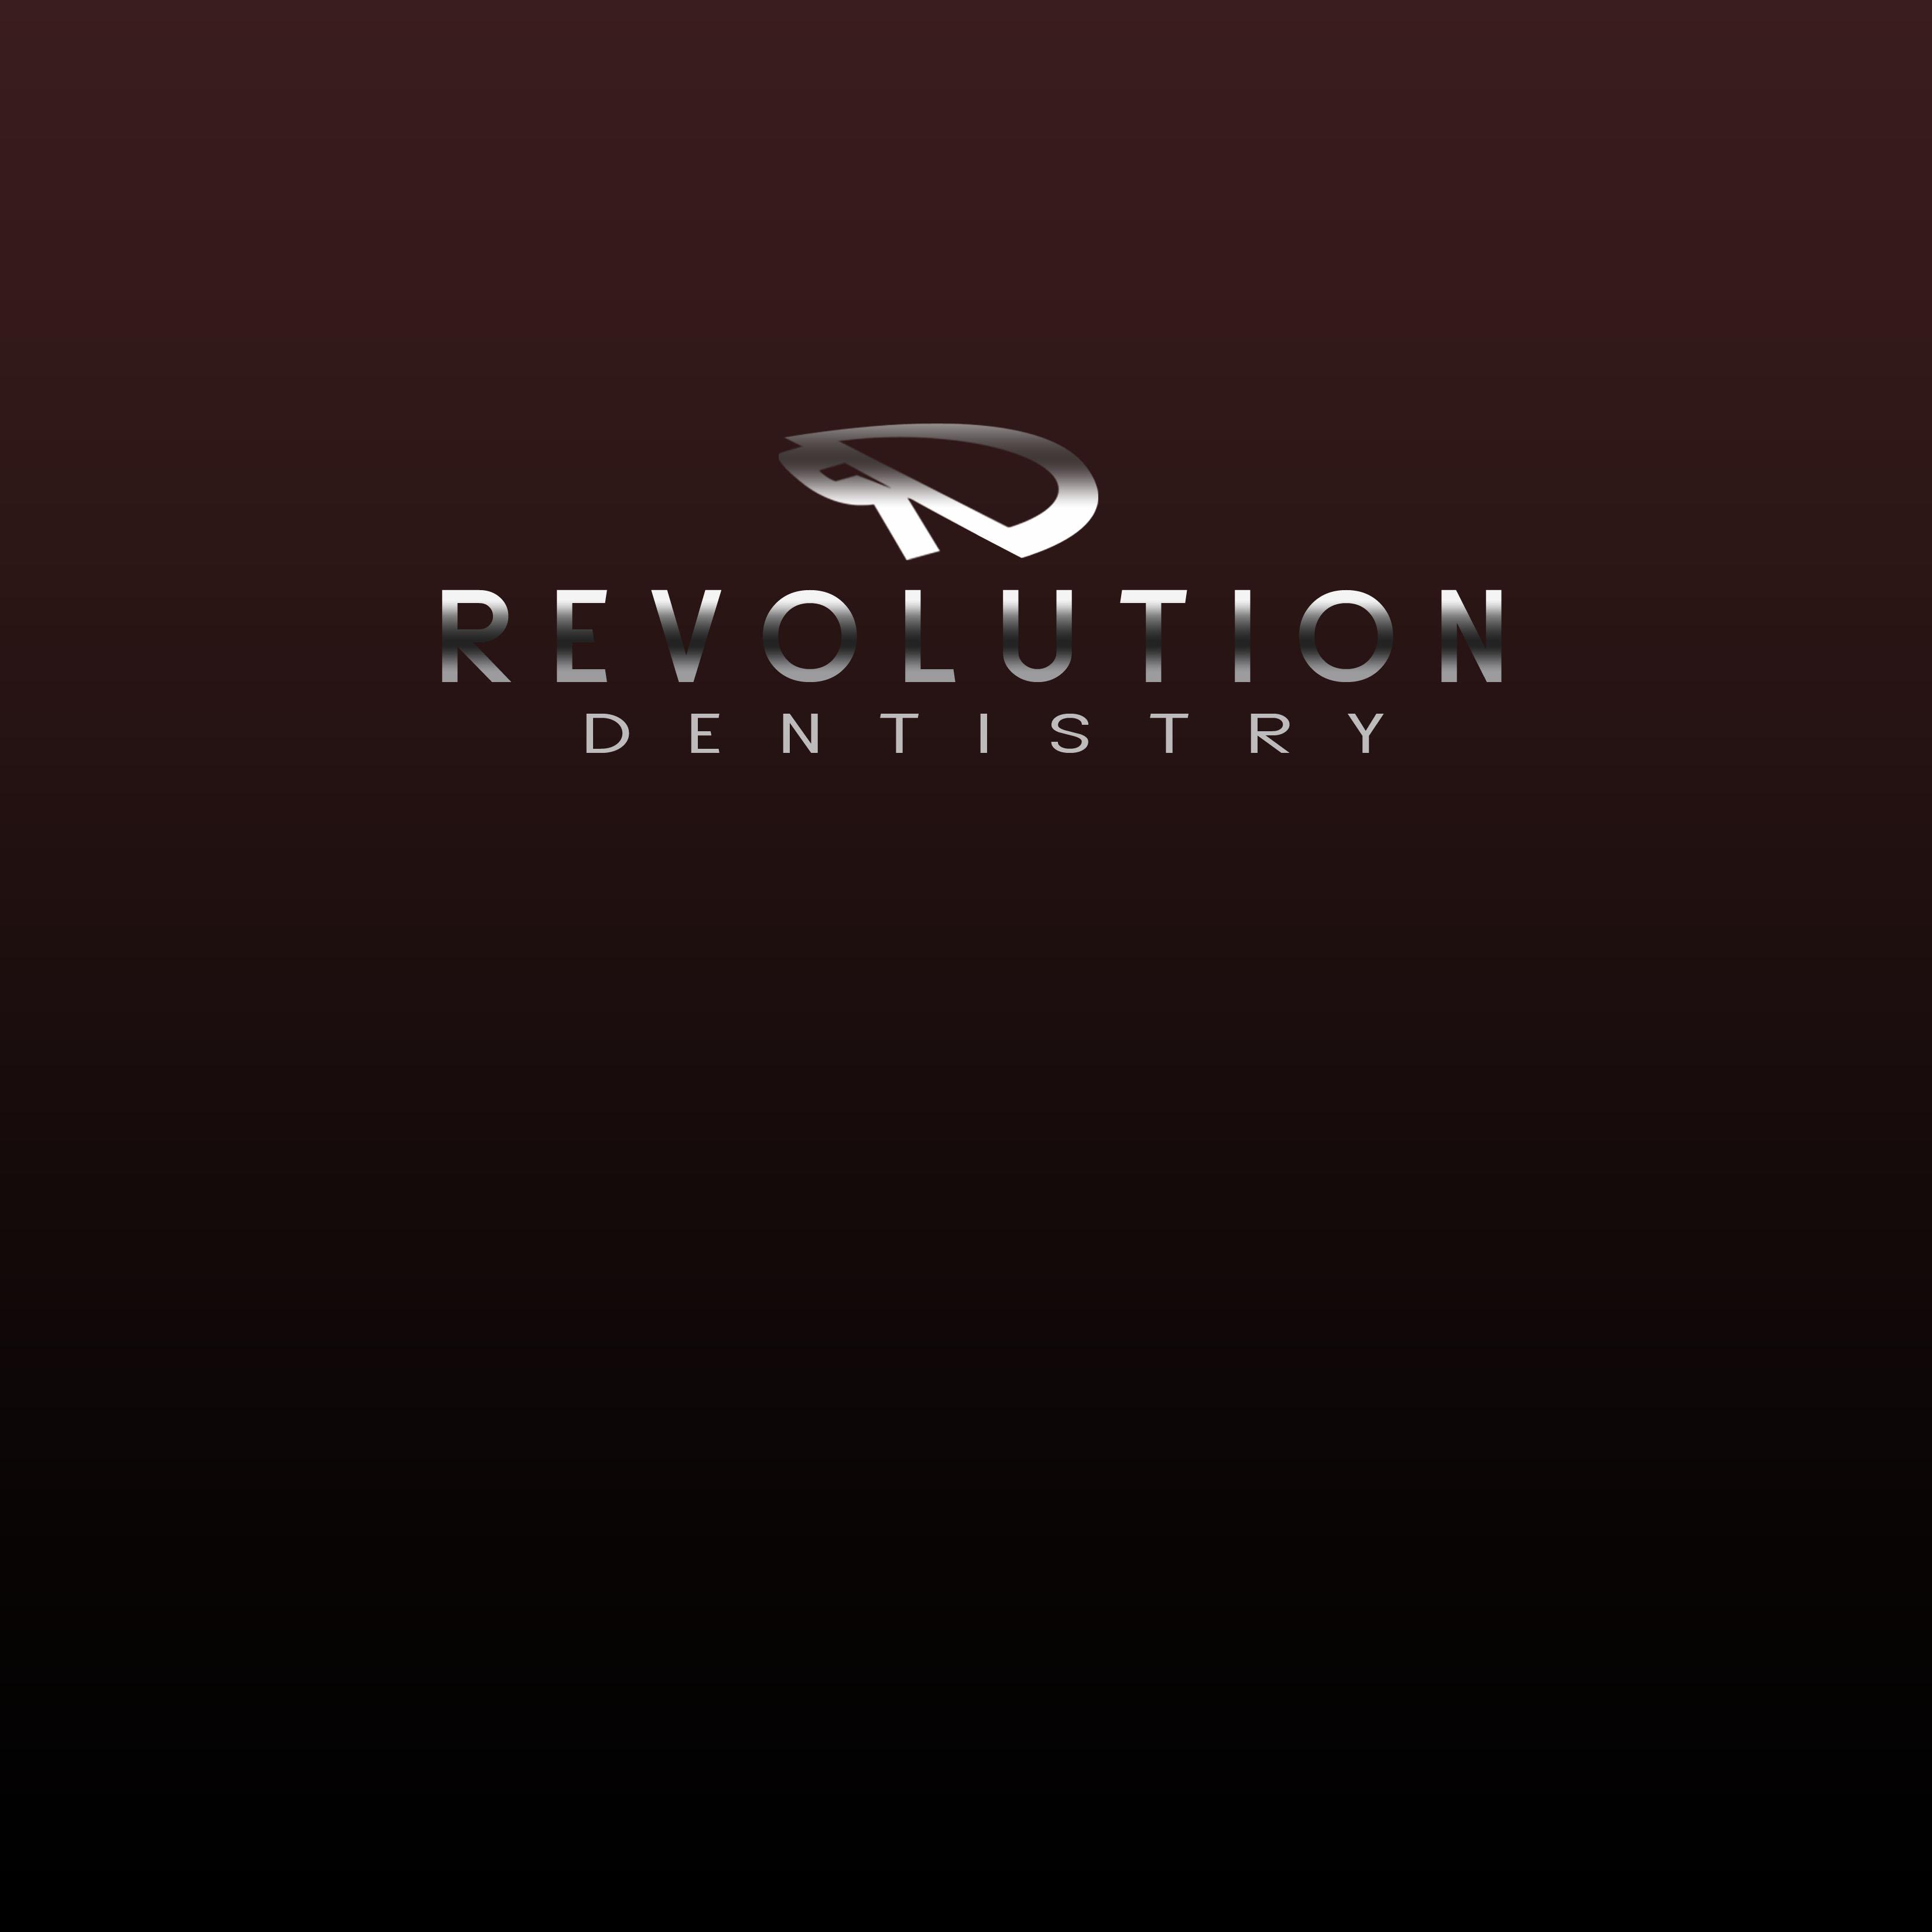 Logo Design by Allan Esclamado - Entry No. 125 in the Logo Design Contest Artistic Logo Design for Revolution Dentistry.